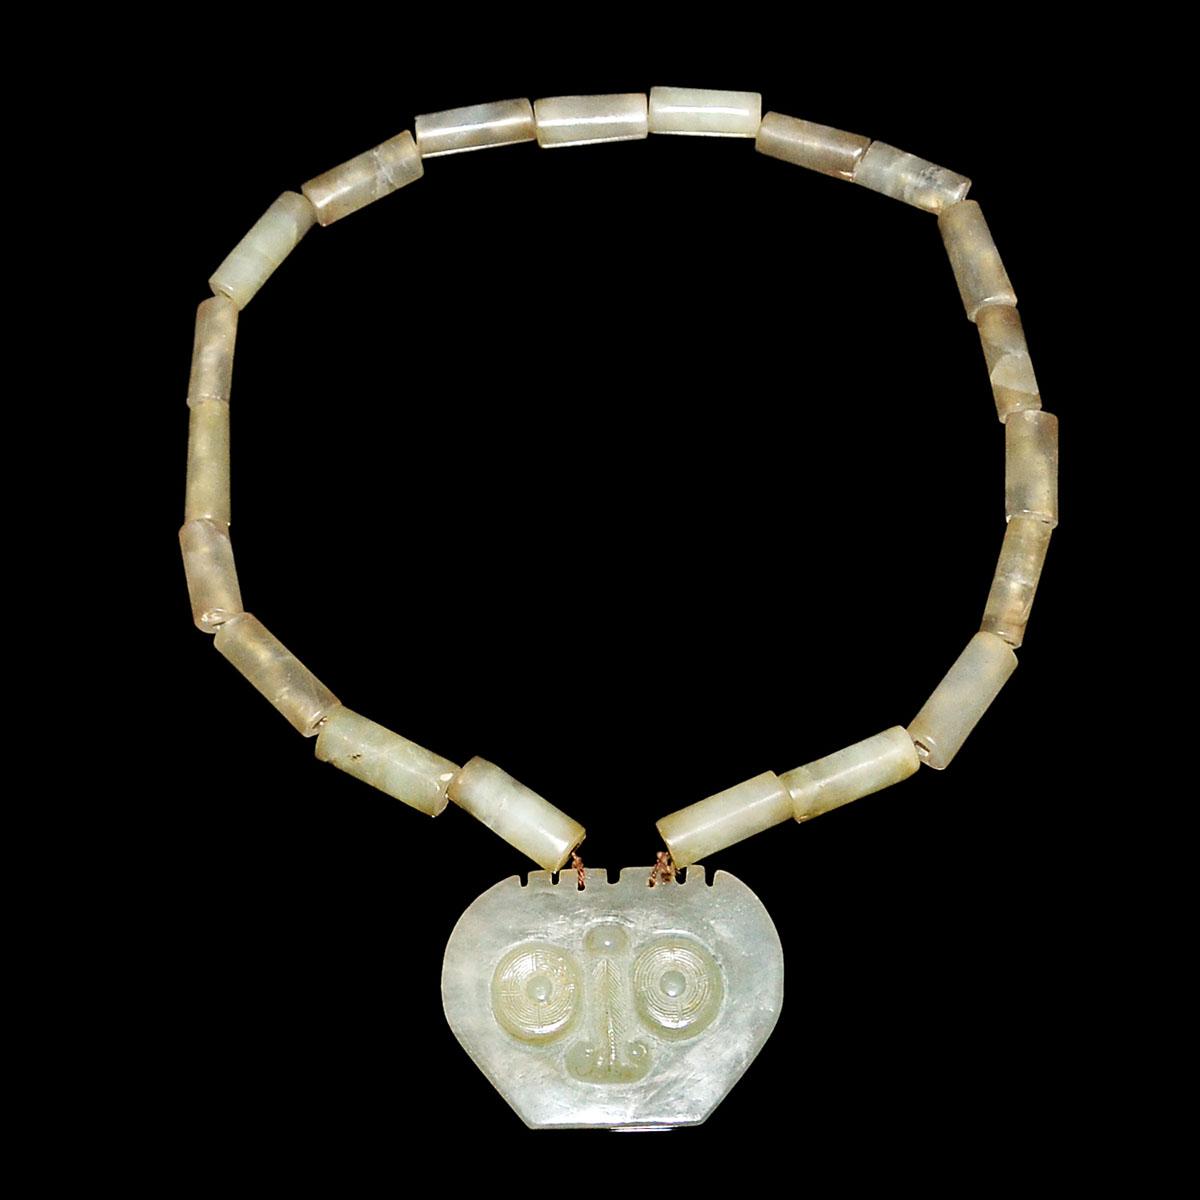 Lot 17 - 玉雕圓筒珠鍊連饕餮紋掛墜 Jade Bead Necklace with Taotie Mask Pendant. Diameter: 7 in (17.8 cm)  Pendant